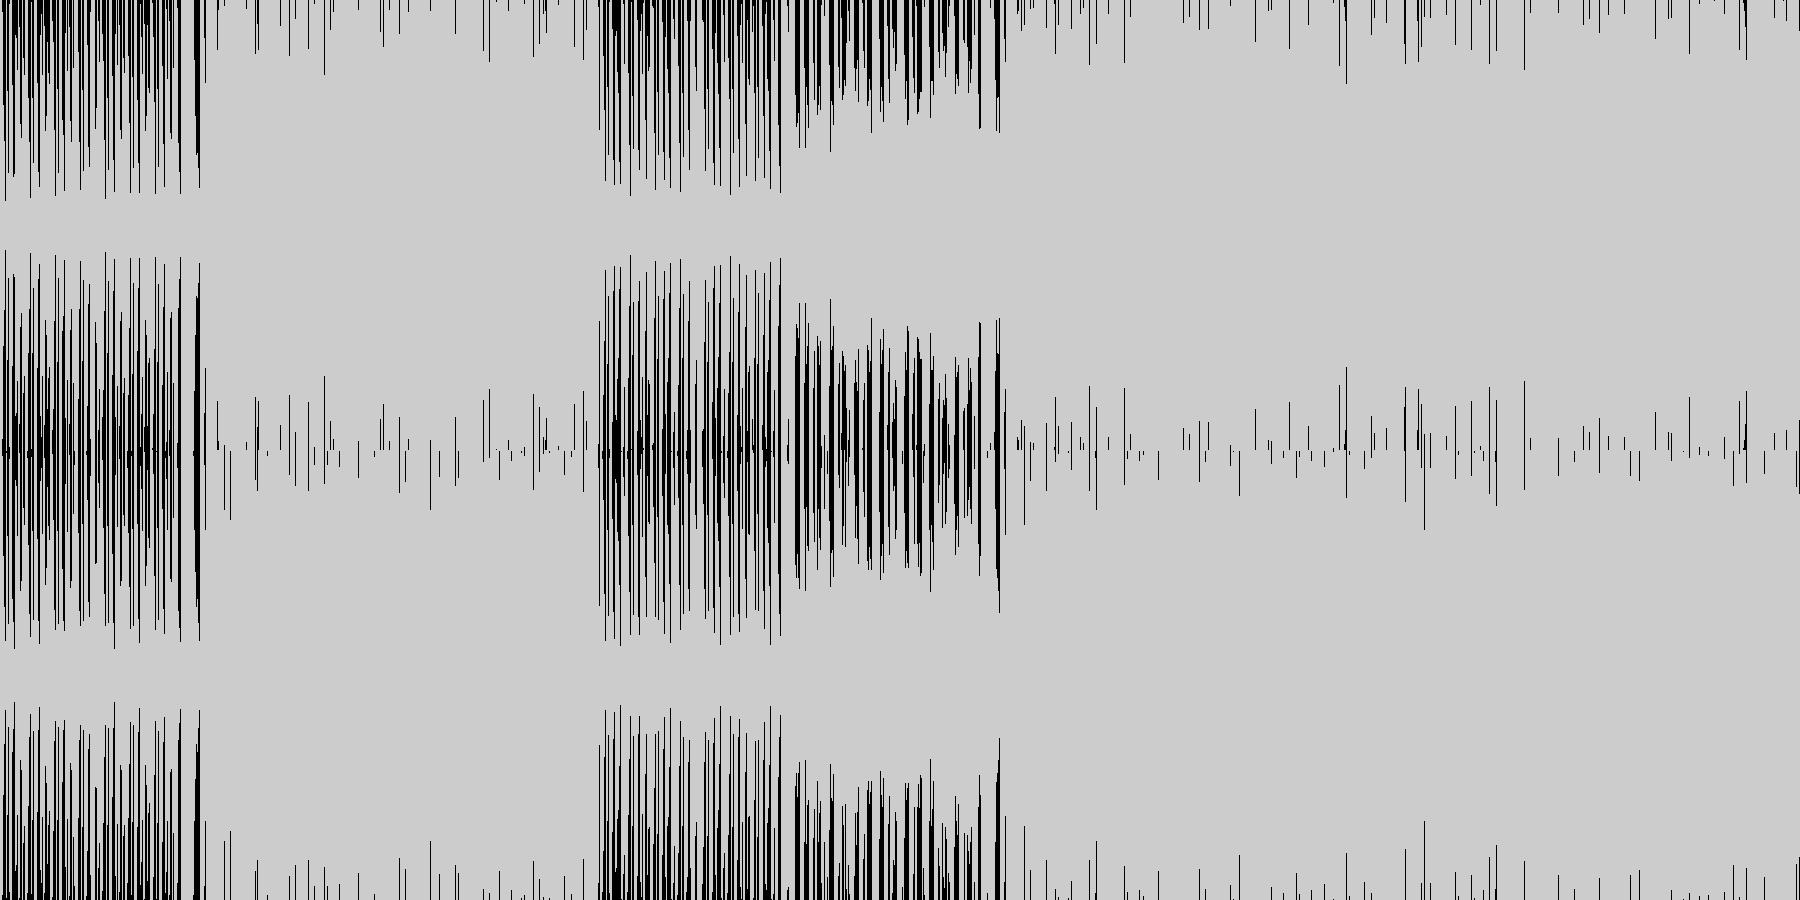 空のアスレチックのようなアクション風の未再生の波形